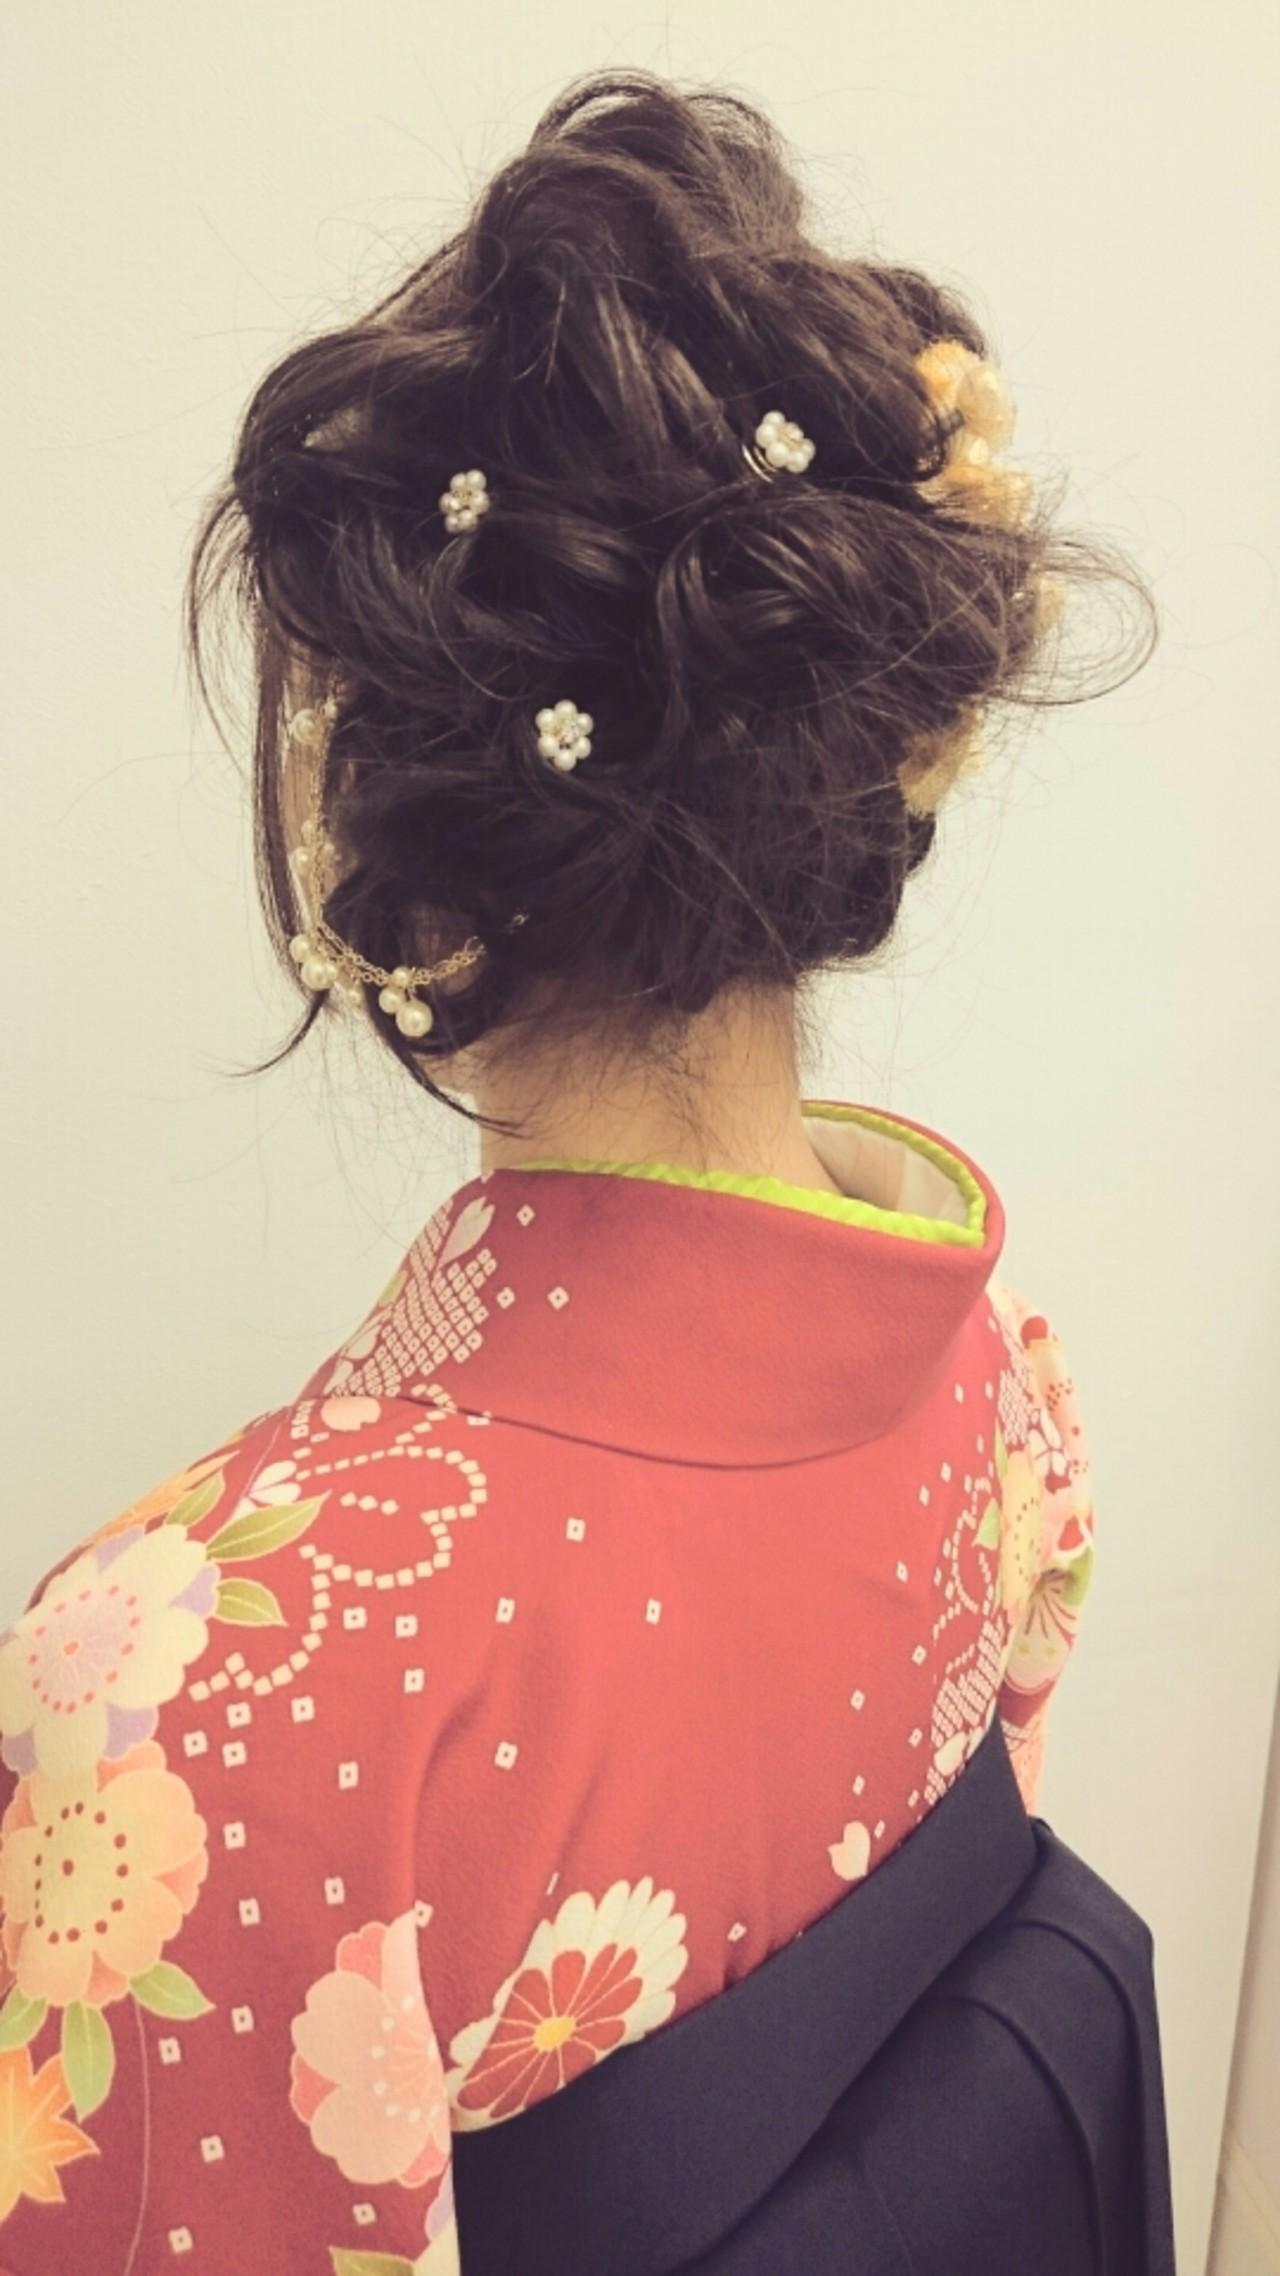 成人式・卒業式におすすめ。着物に合わせたいヘアスタイルまとめ  minori kato